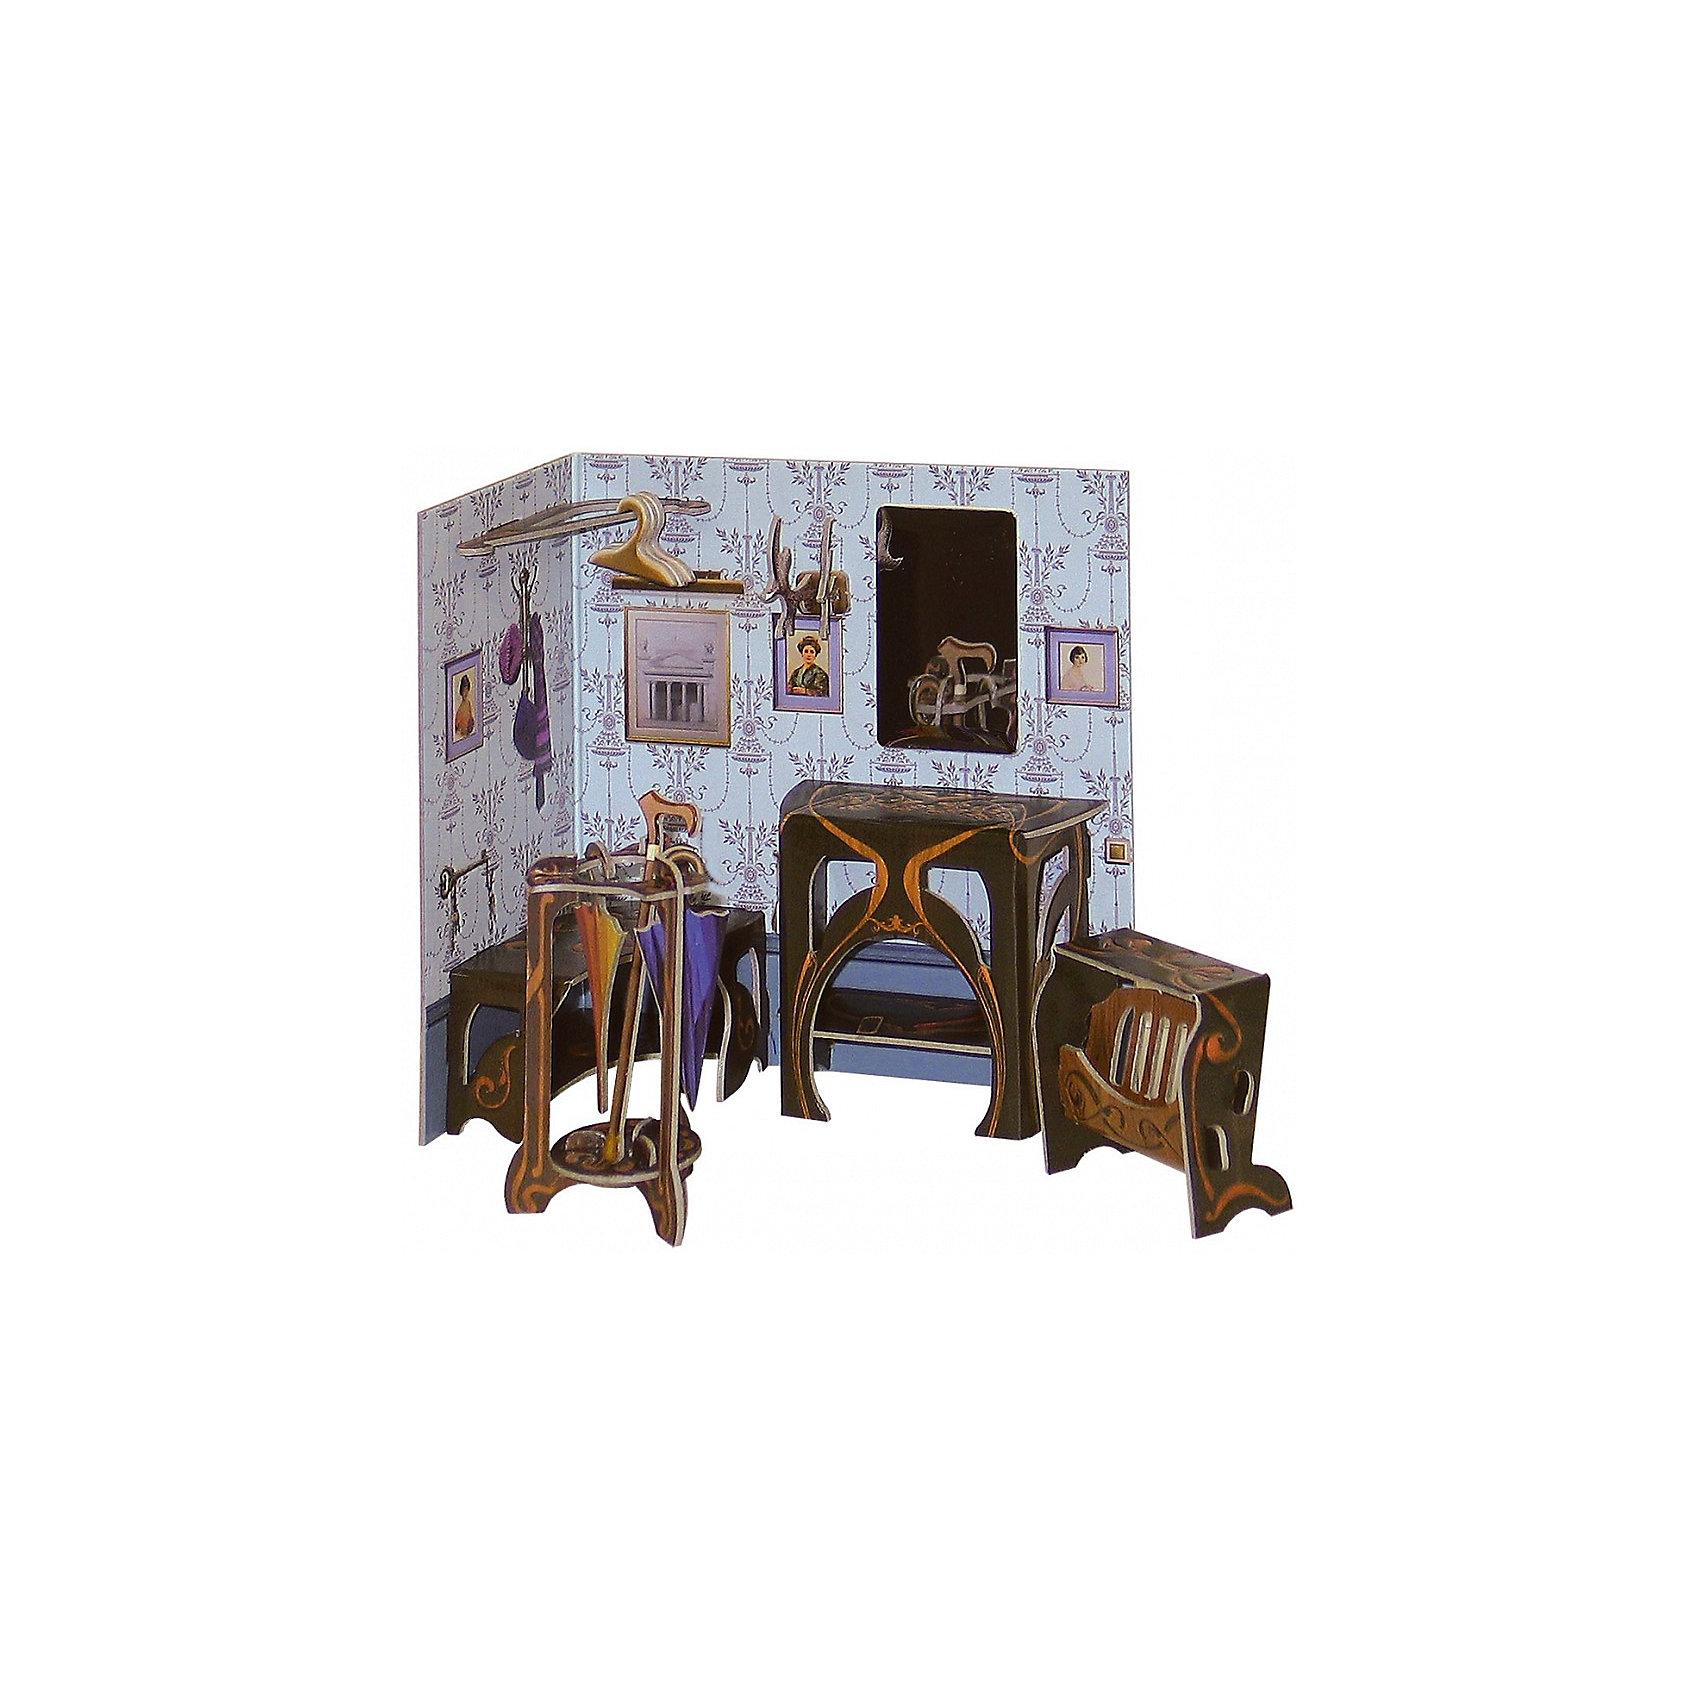 Сборная модель ПрихожаяБумажные модели<br>Прихожая – один из серии наборов мебели под названием «Коллекционный набор мебели». Каждый из них является самодостаточным игровым объектом, но в тоже время они прекрасно подойдут и к Кукольному дому, в котором ребенок сможет их разместить с большим удовольствием для себя, друзей и родителей.<br><br>Количество деталей: 23.<br>Сложность сборки: 2.<br>Размер прихожей: 13х7х14 см.<br>Размер газетницы: 5,5х2,5х4,5 см.<br>Размер подставки для зонтов: 4,5х4,5х8 см.<br>Материал: переплетный картон.<br>Возраст: 5+.<br><br>Ширина мм: 180<br>Глубина мм: 5<br>Высота мм: 240<br>Вес г: 68<br>Возраст от месяцев: 60<br>Возраст до месяцев: 2147483647<br>Пол: Унисекс<br>Возраст: Детский<br>SKU: 4807392